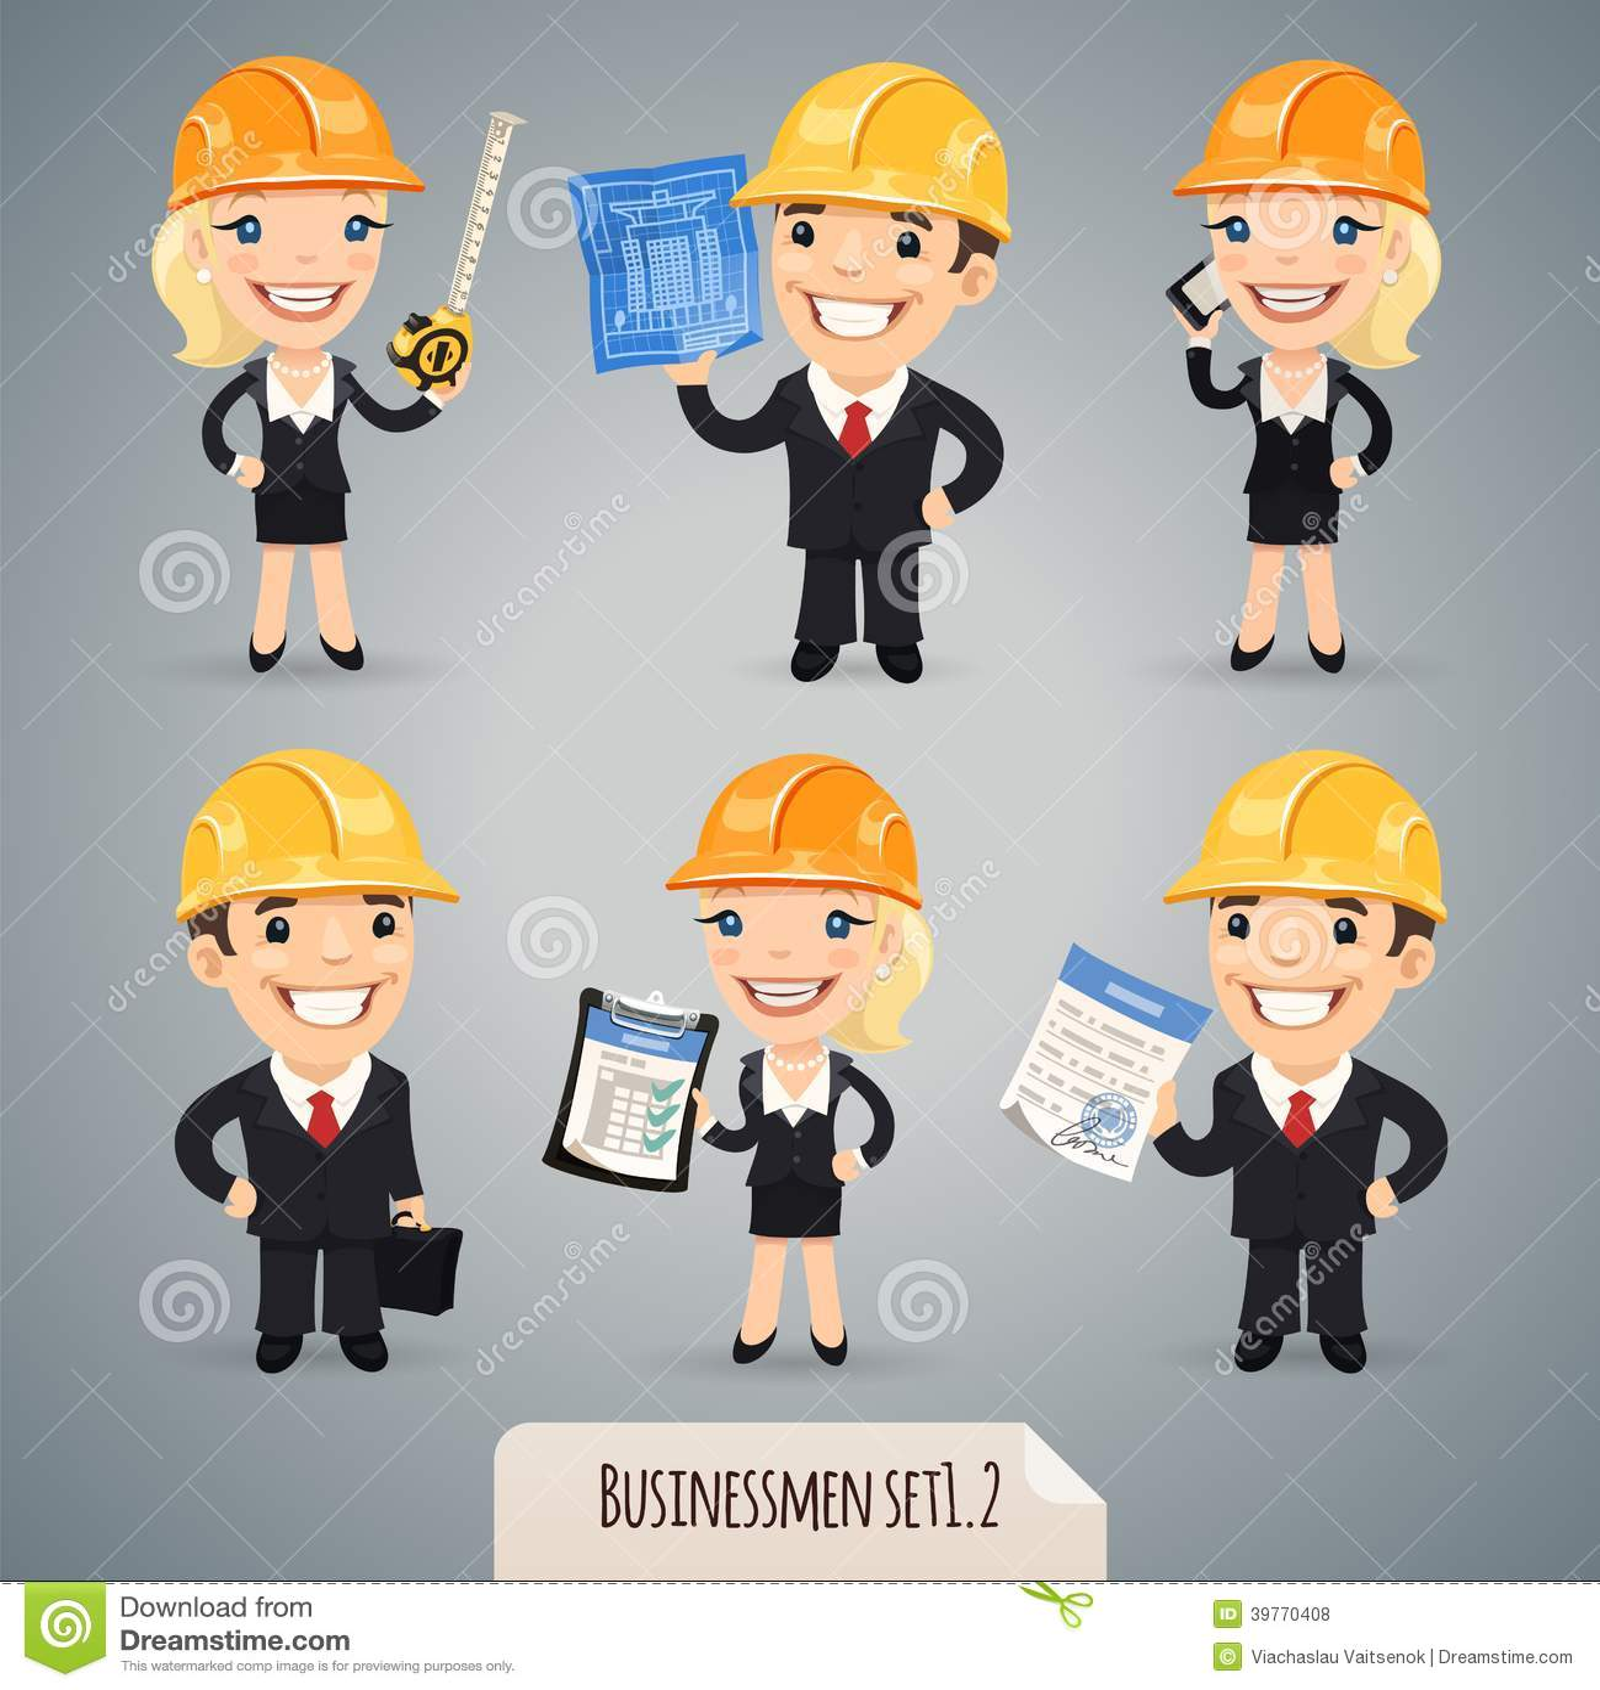 Biznesmenów postać z kreskówki Set1.2